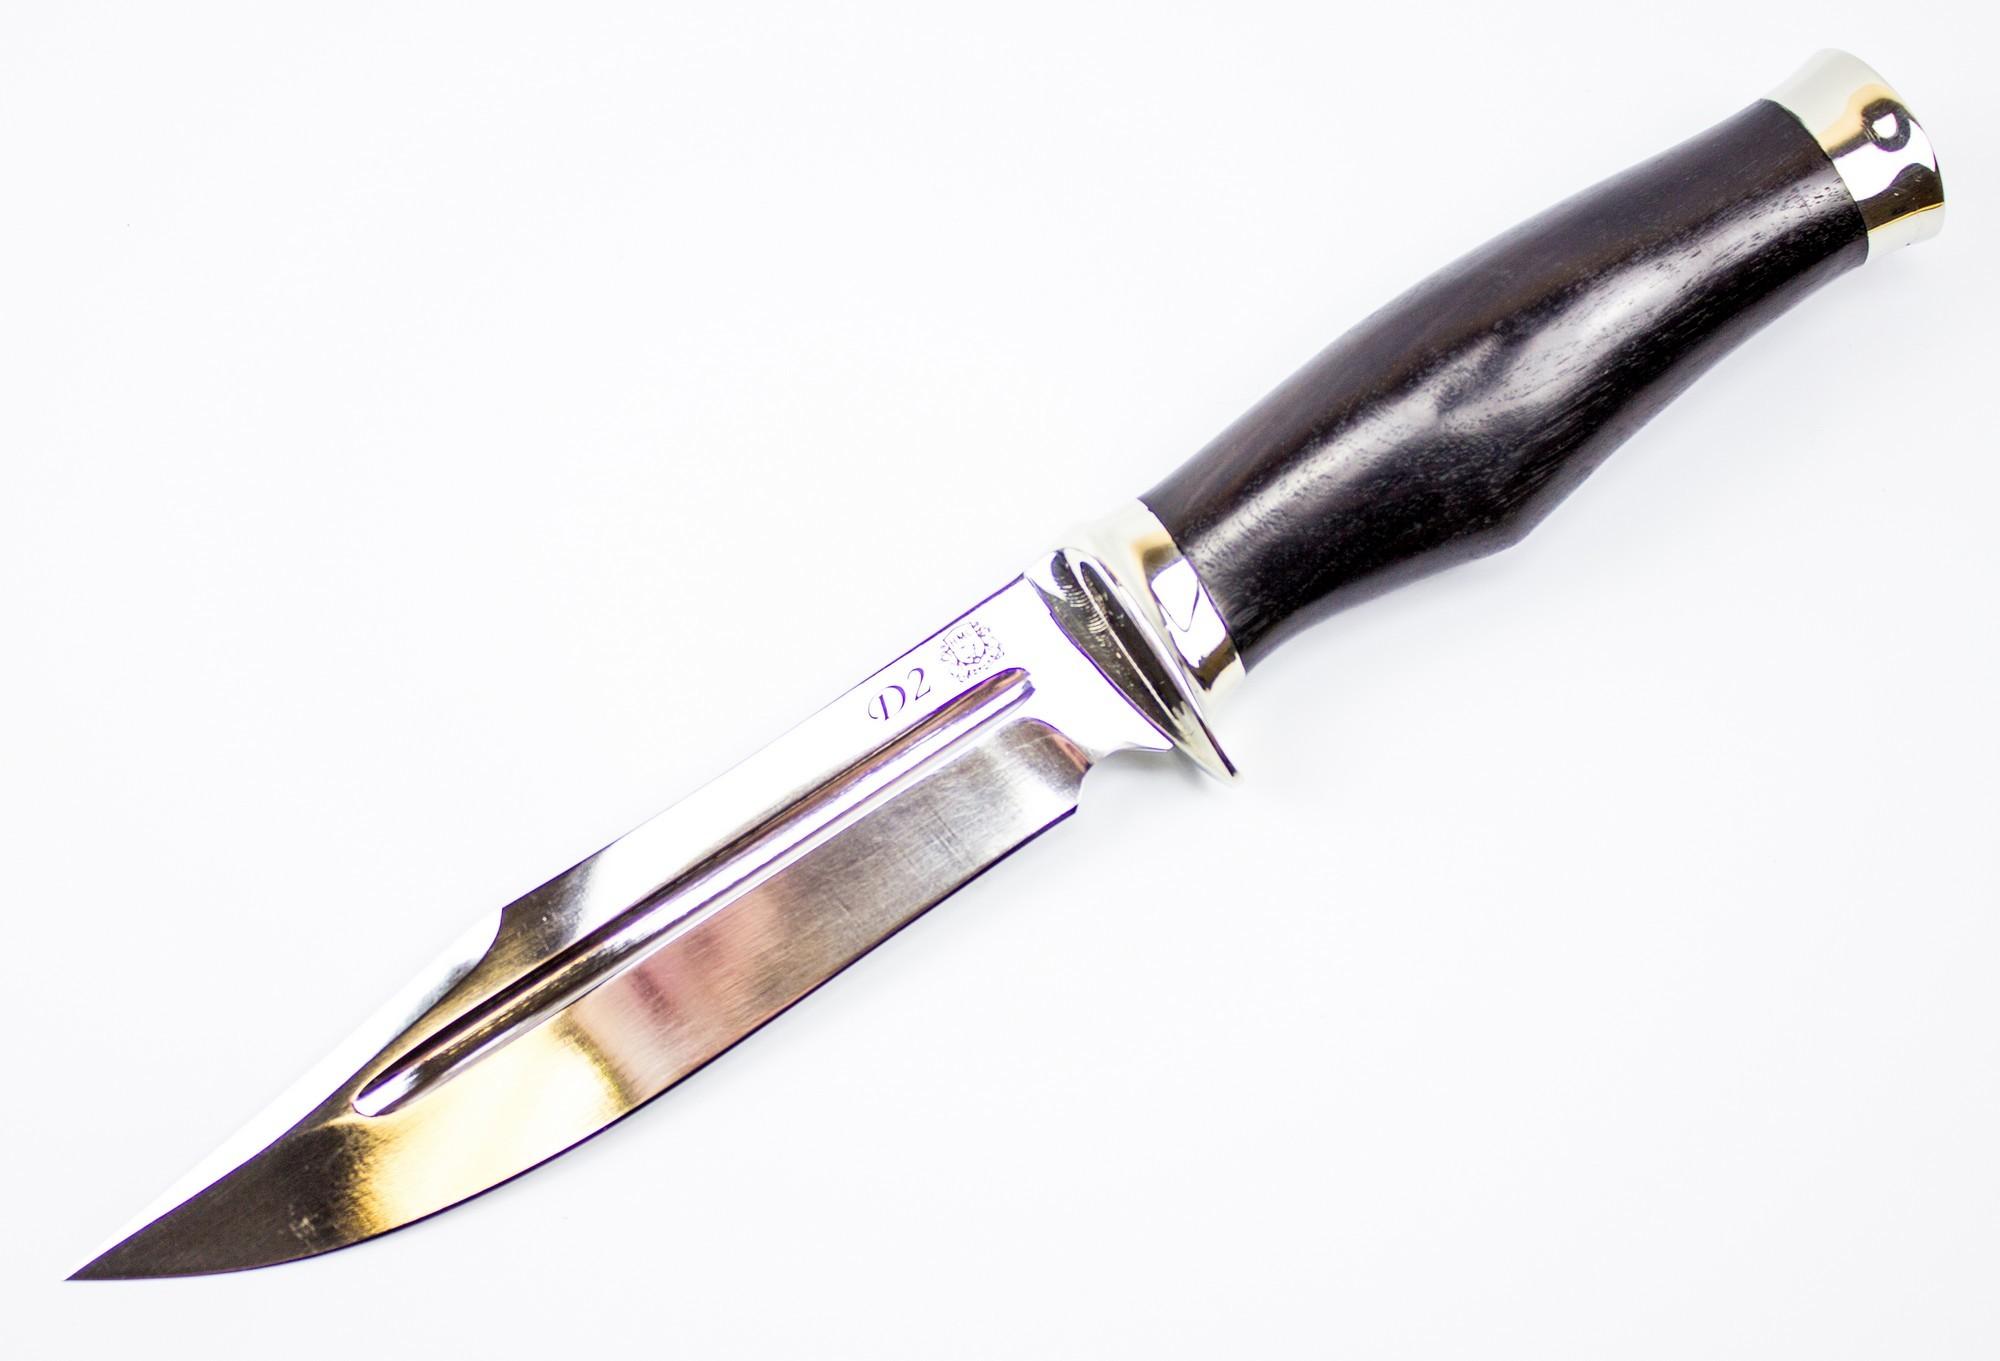 Военный нож Смерч-1, D2 военный нож смерч 1 d2